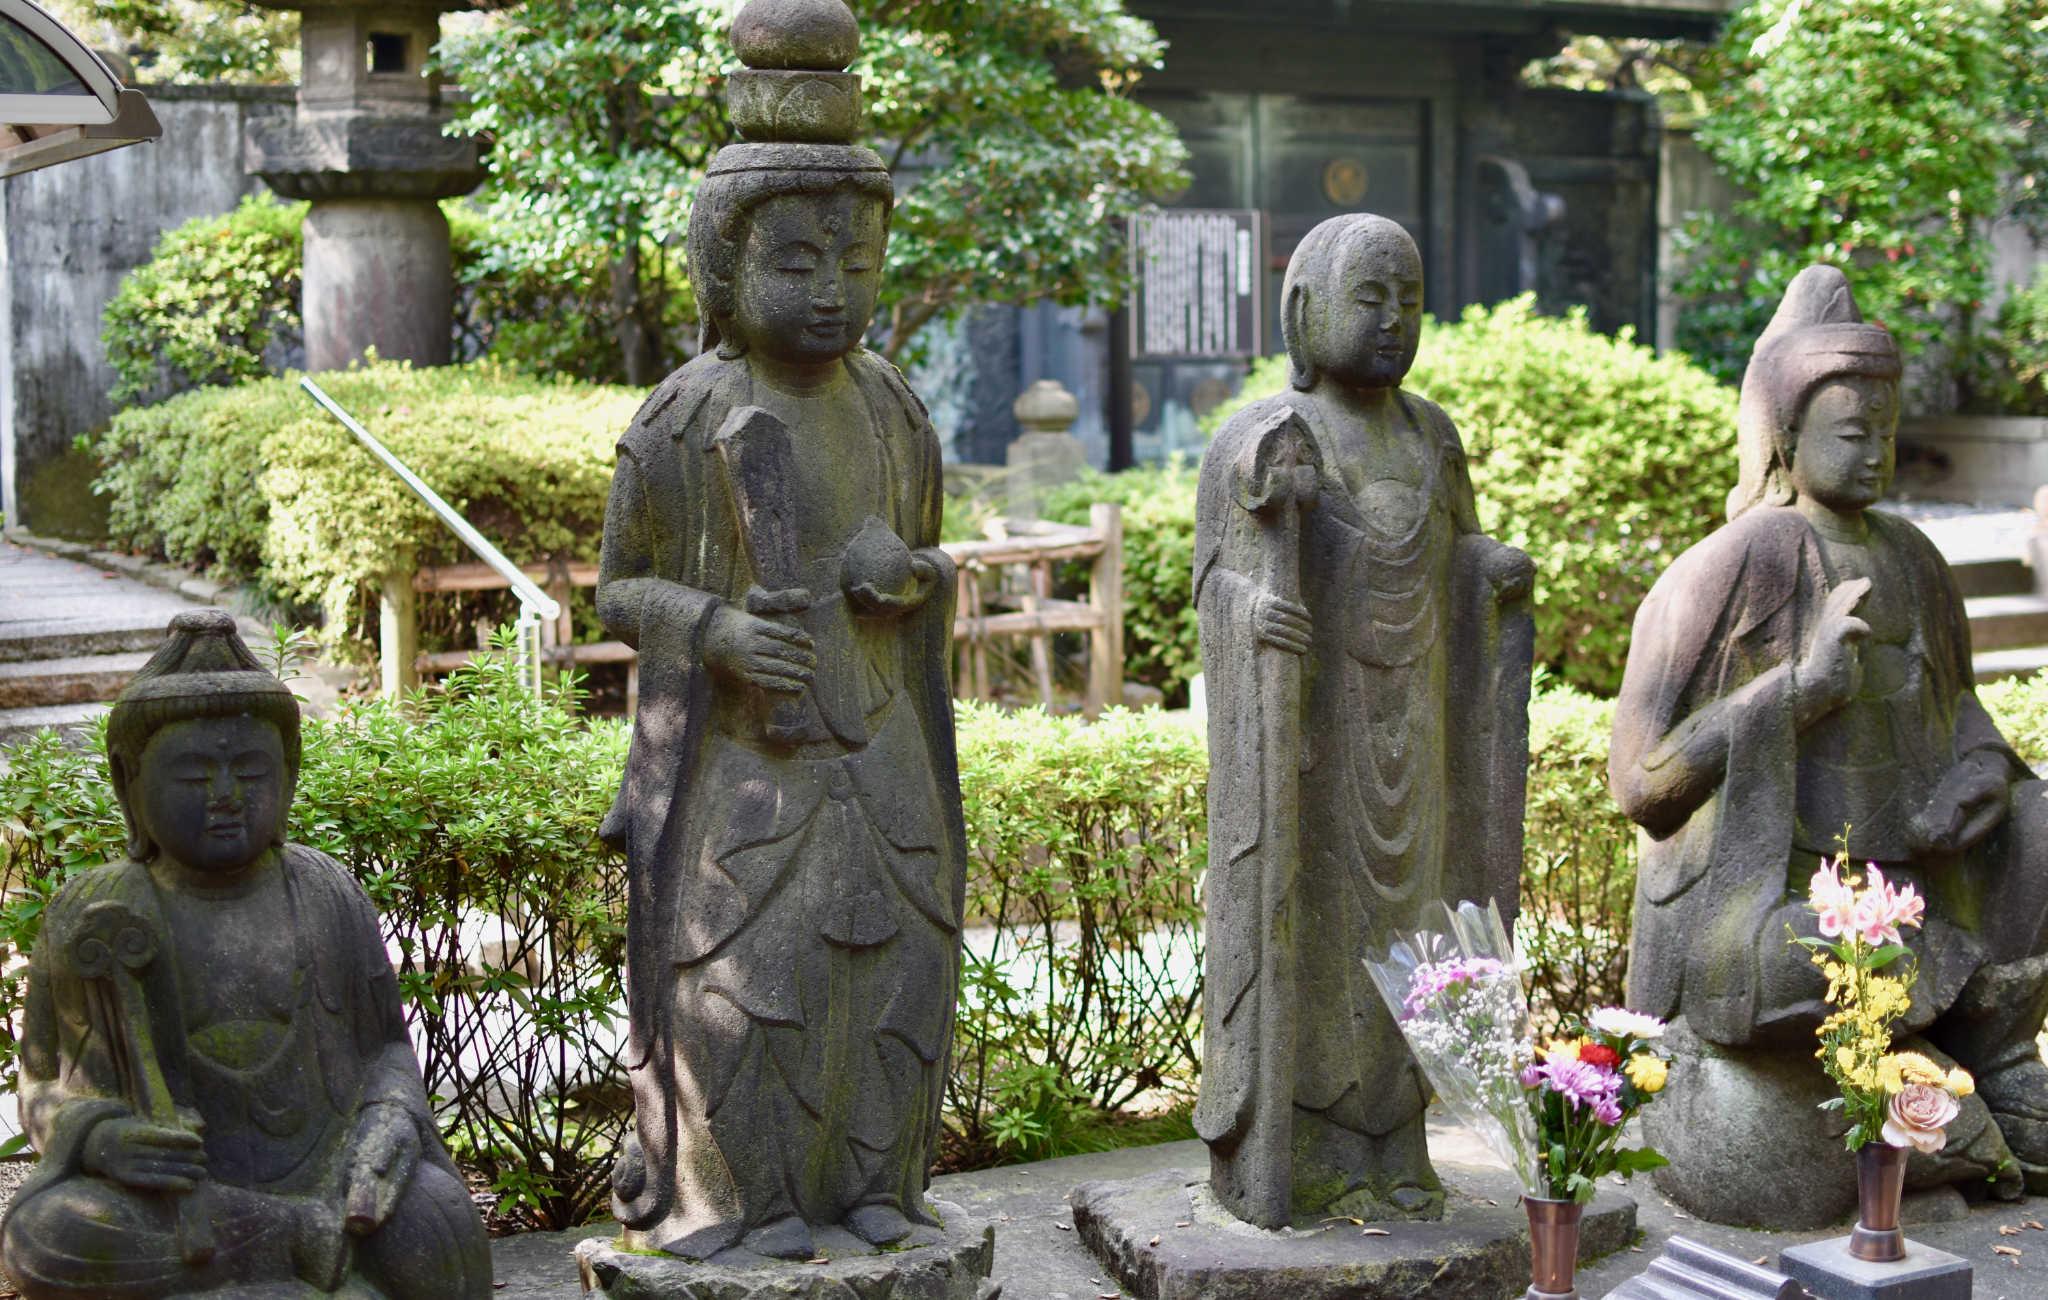 Dans le jardin, de très nombreuses statues